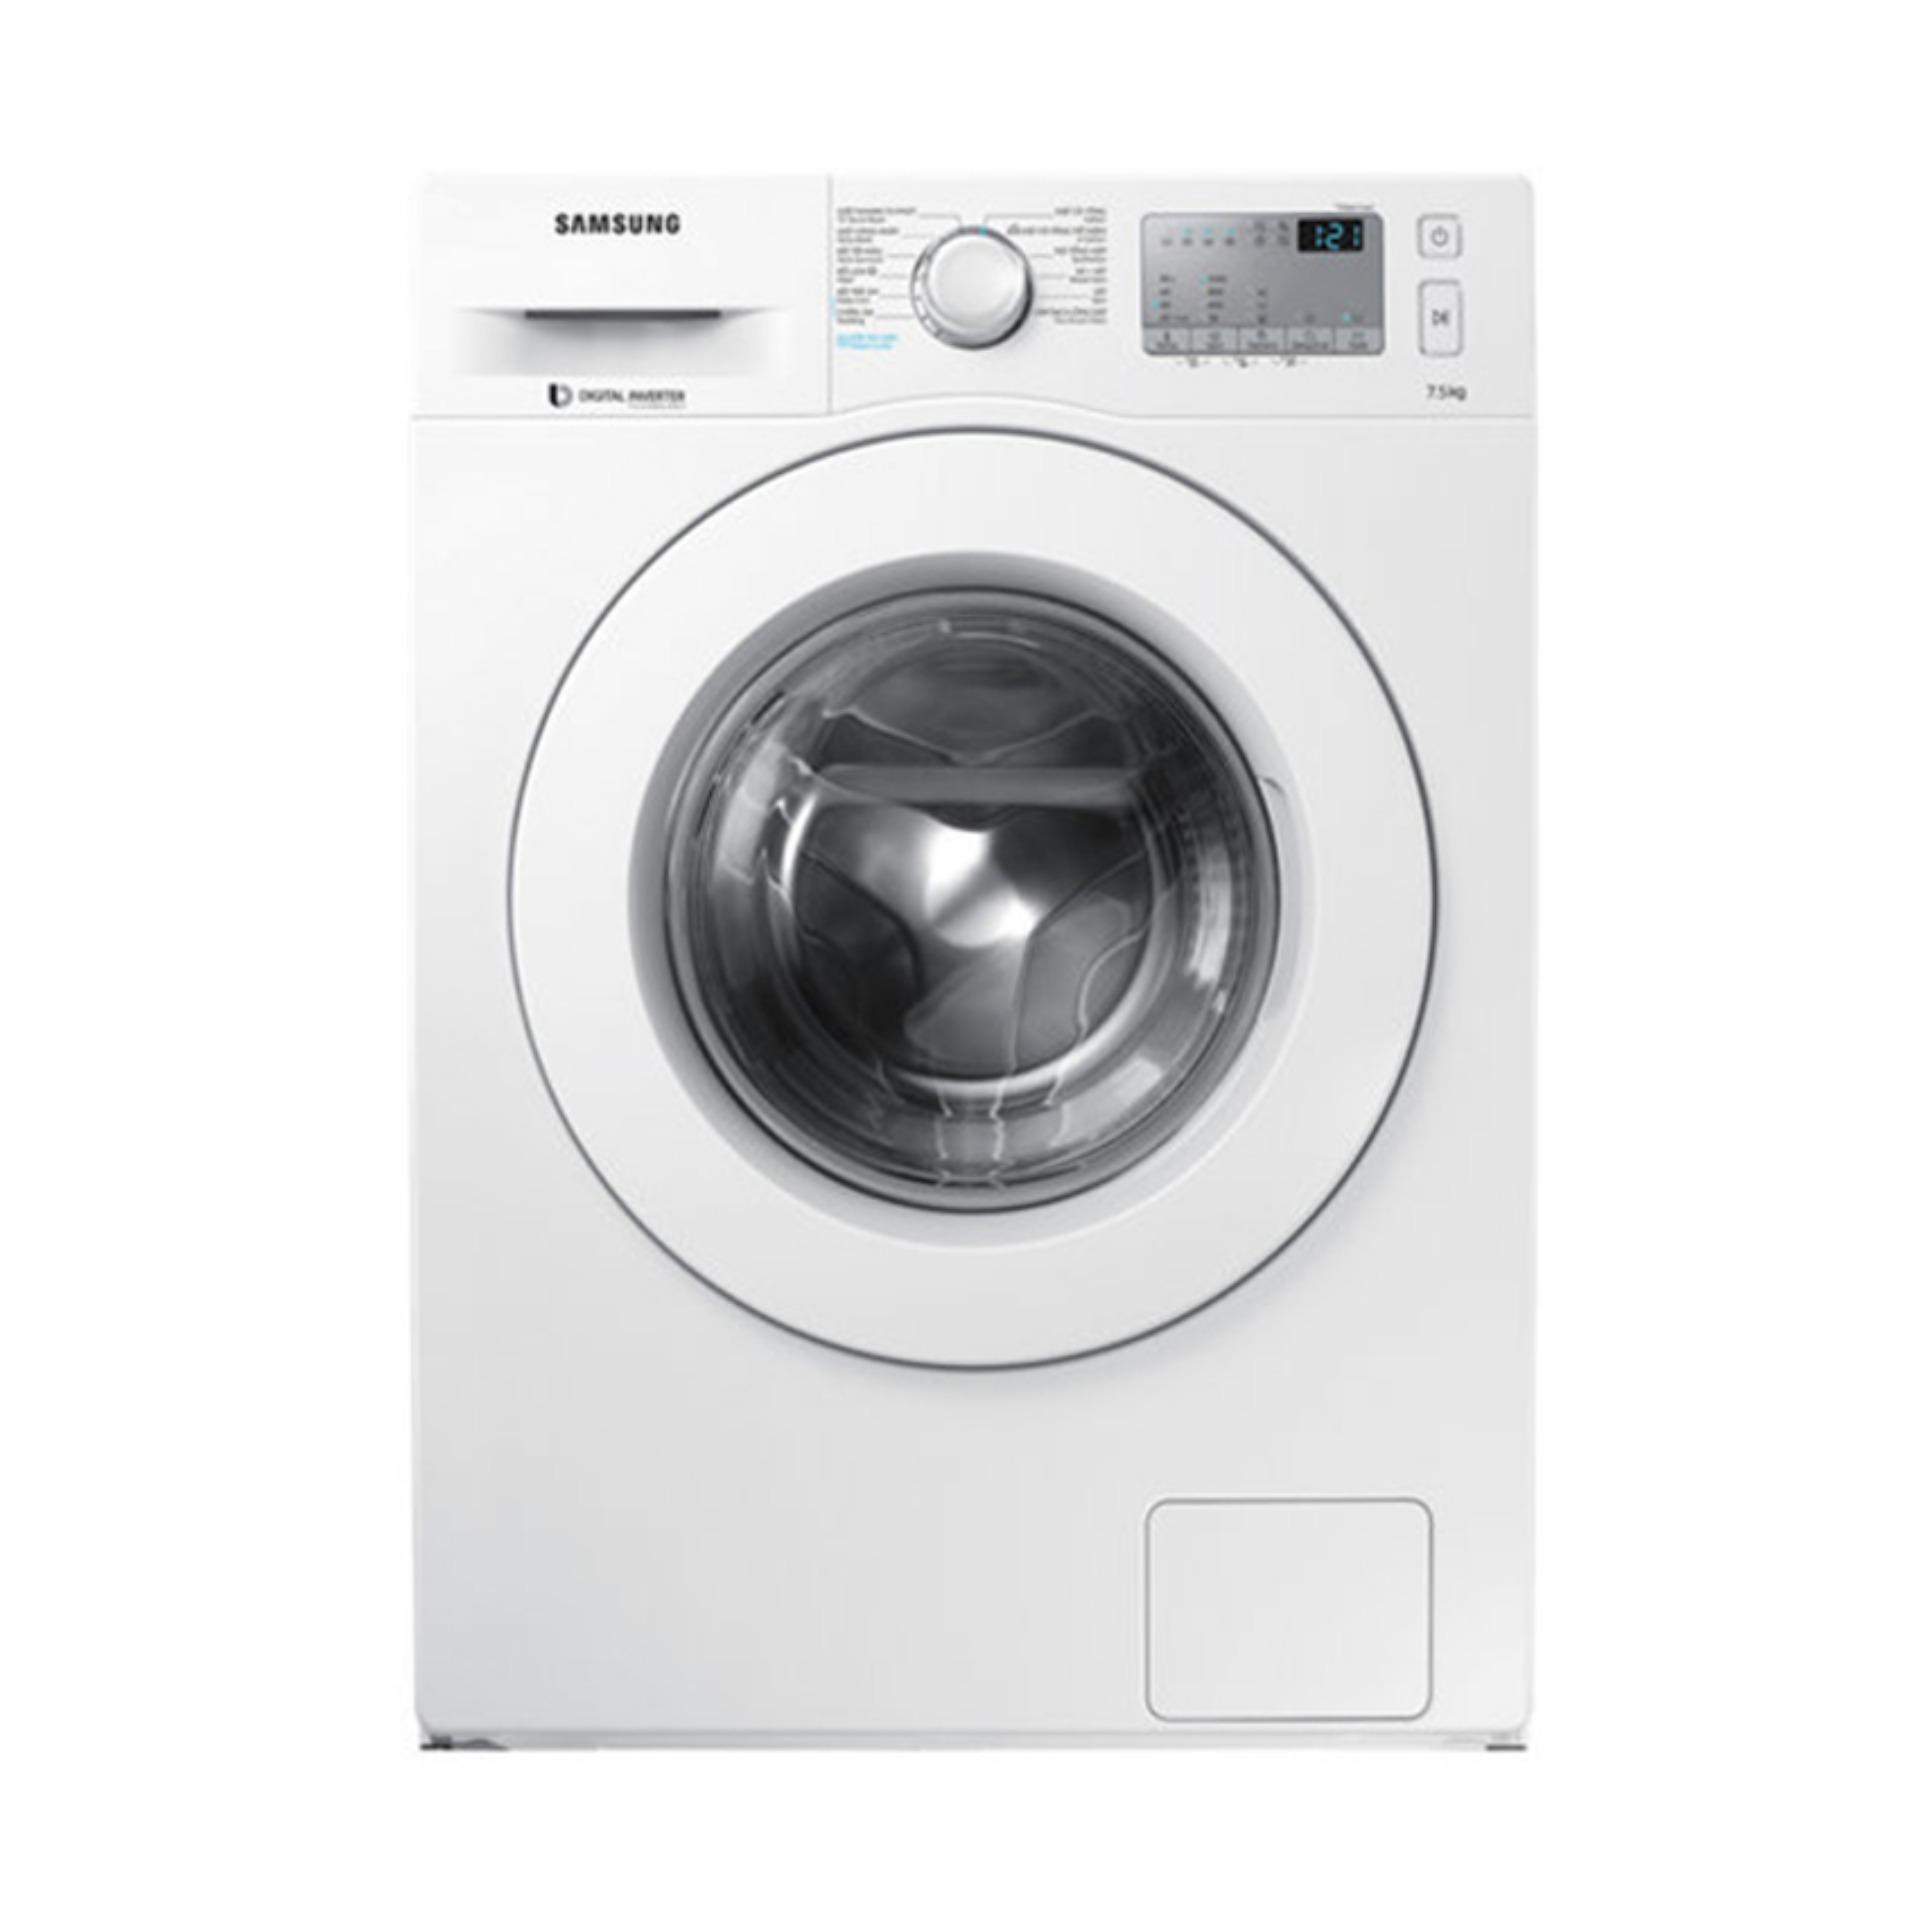 Hình ảnh Máy giặt cửa trước hơi nước Samsung Inverter WW75J42G3KW/SV 7.5kg (Trắng)